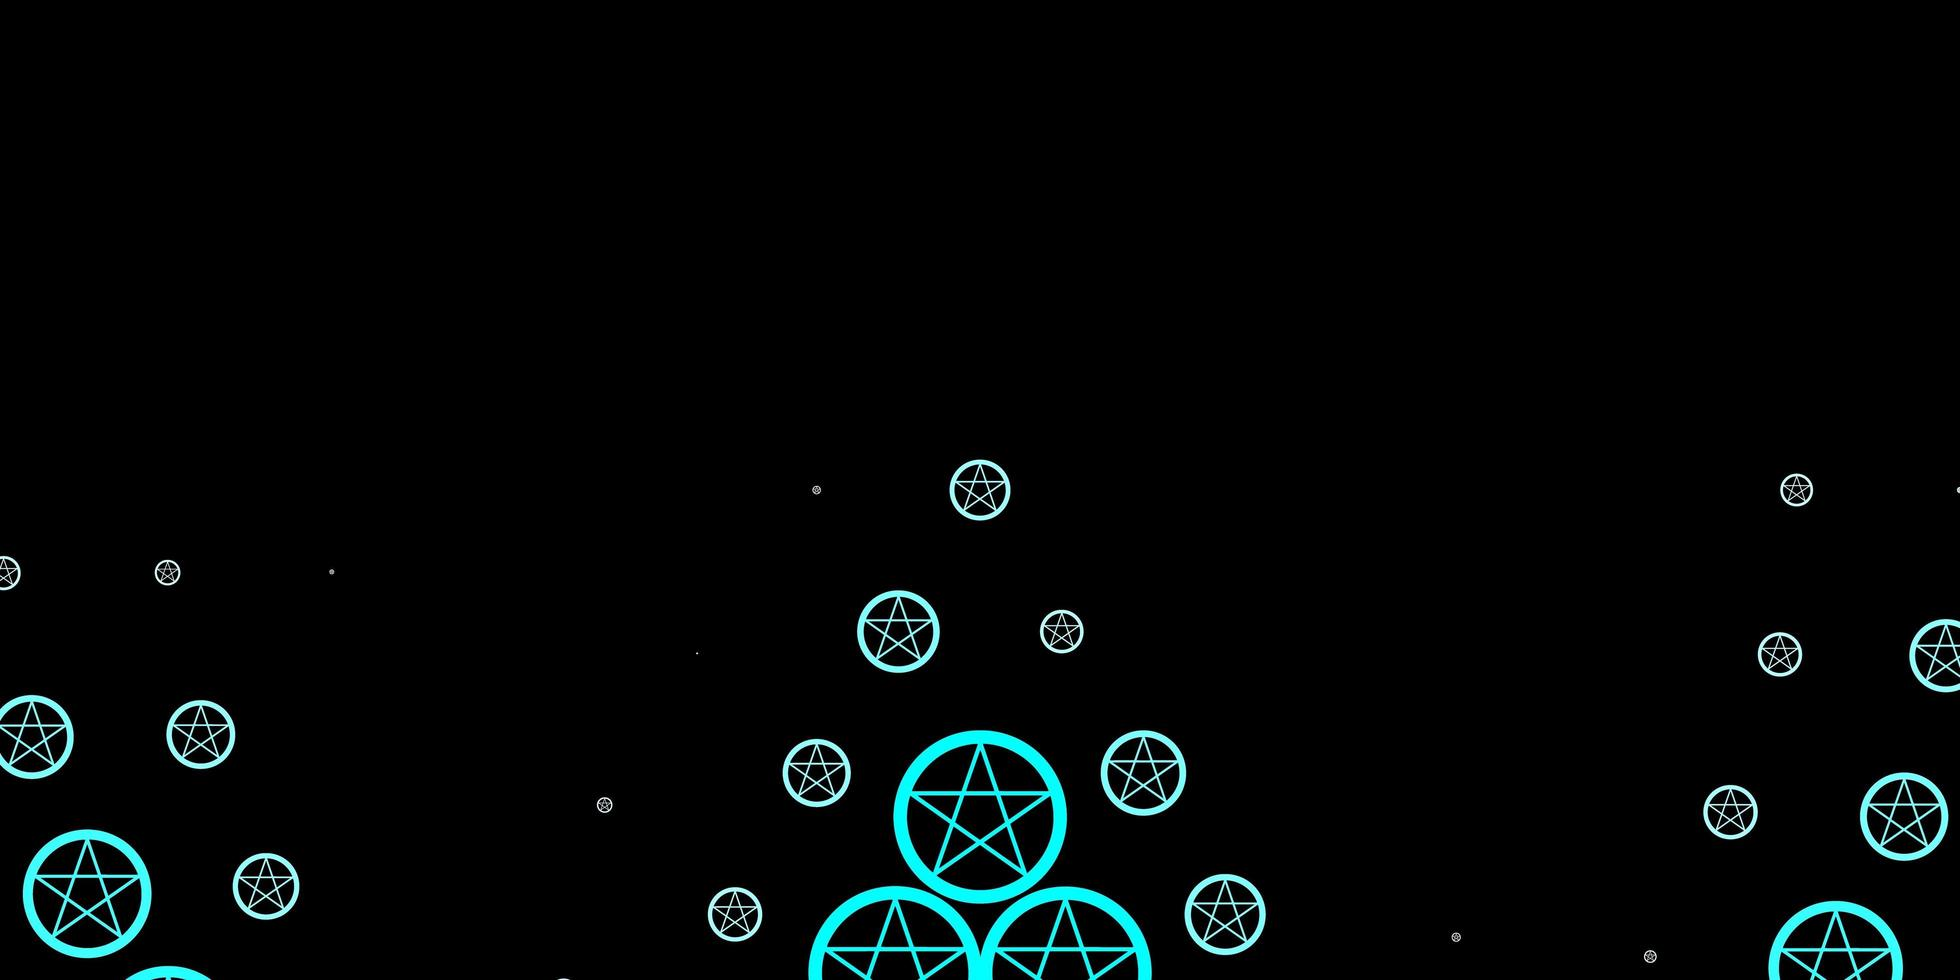 modelo azul escuro com sinais esotéricos vetor